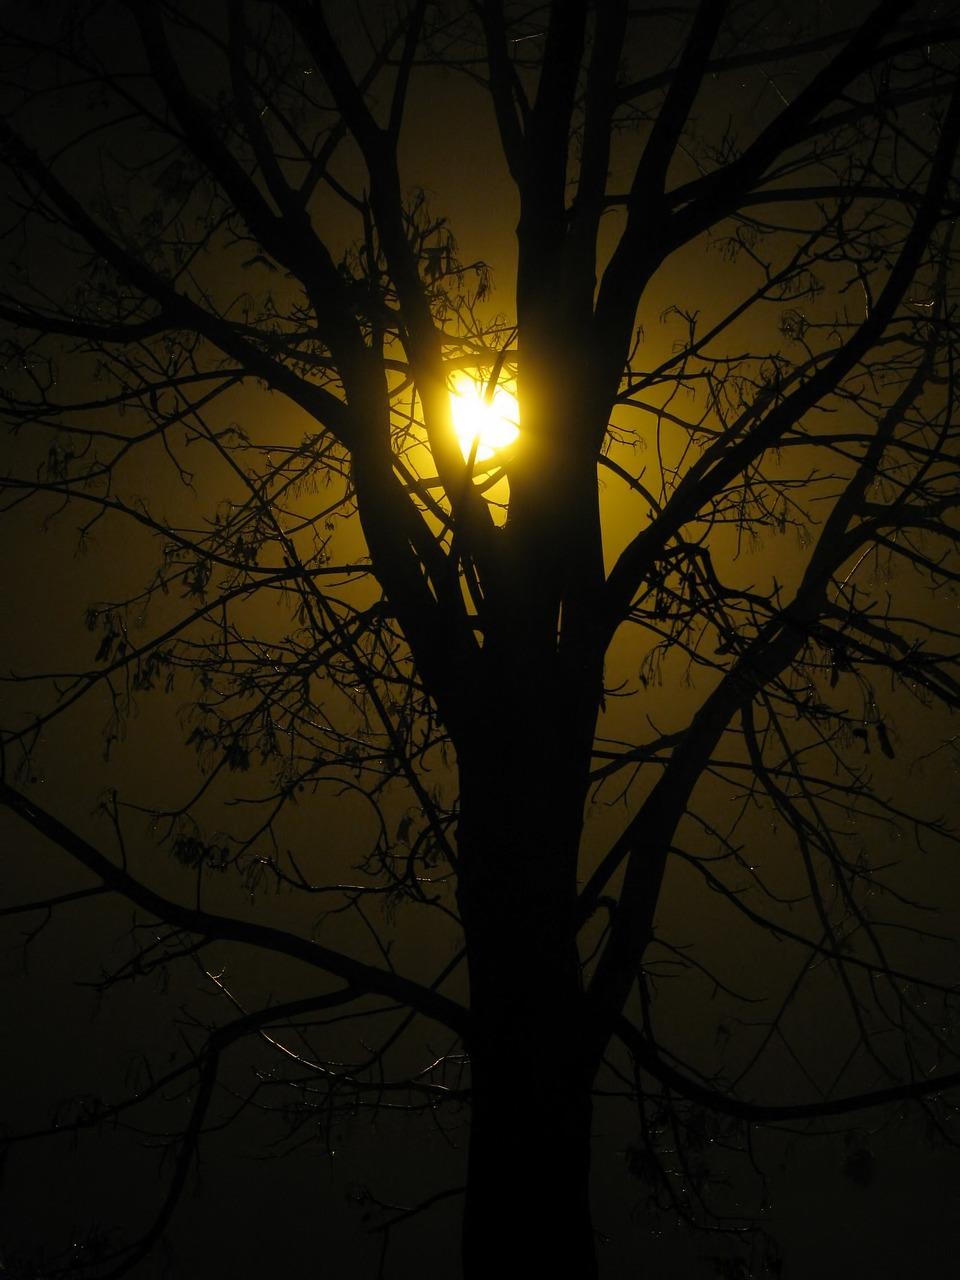 приложения, как, дерево фонарь картинки пристанище